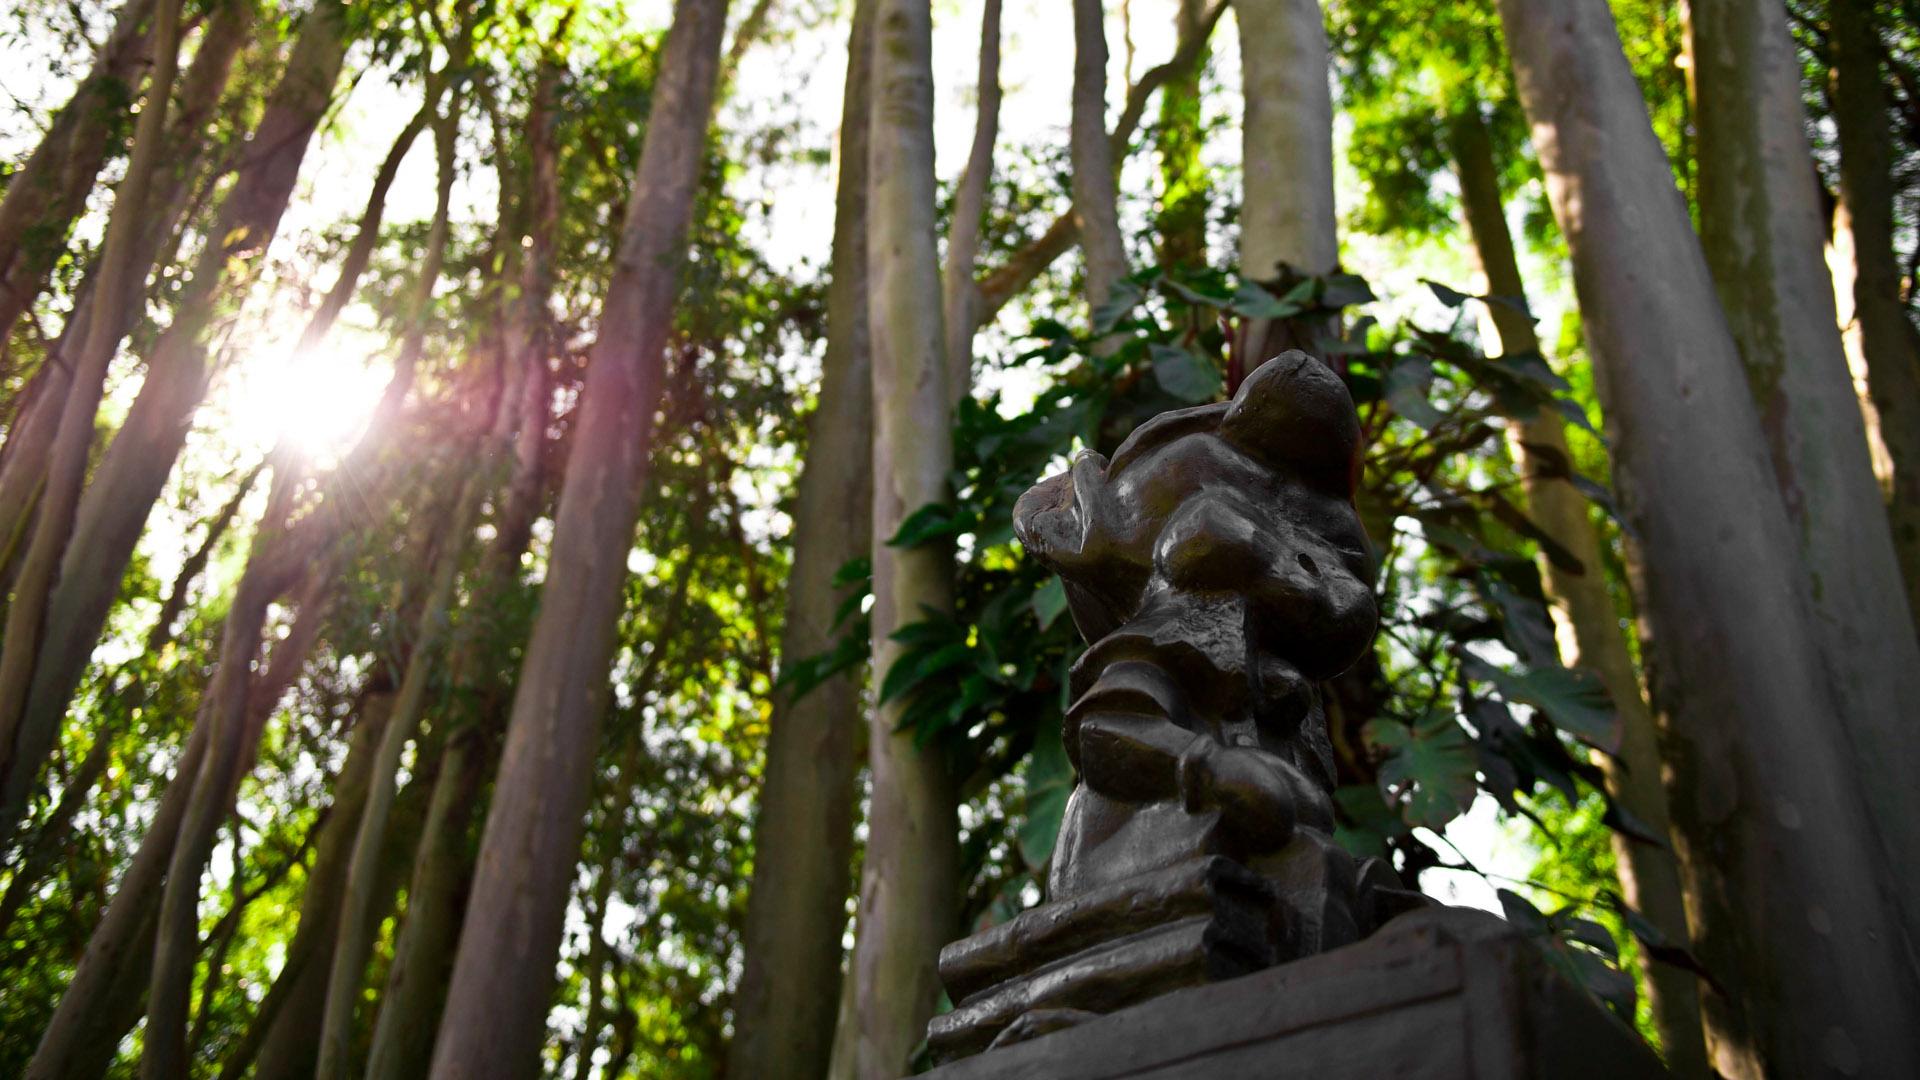 Pinocchio Block Head, 2001 de Paul McCarthy. Acervo de arte contemporânea Inhoti